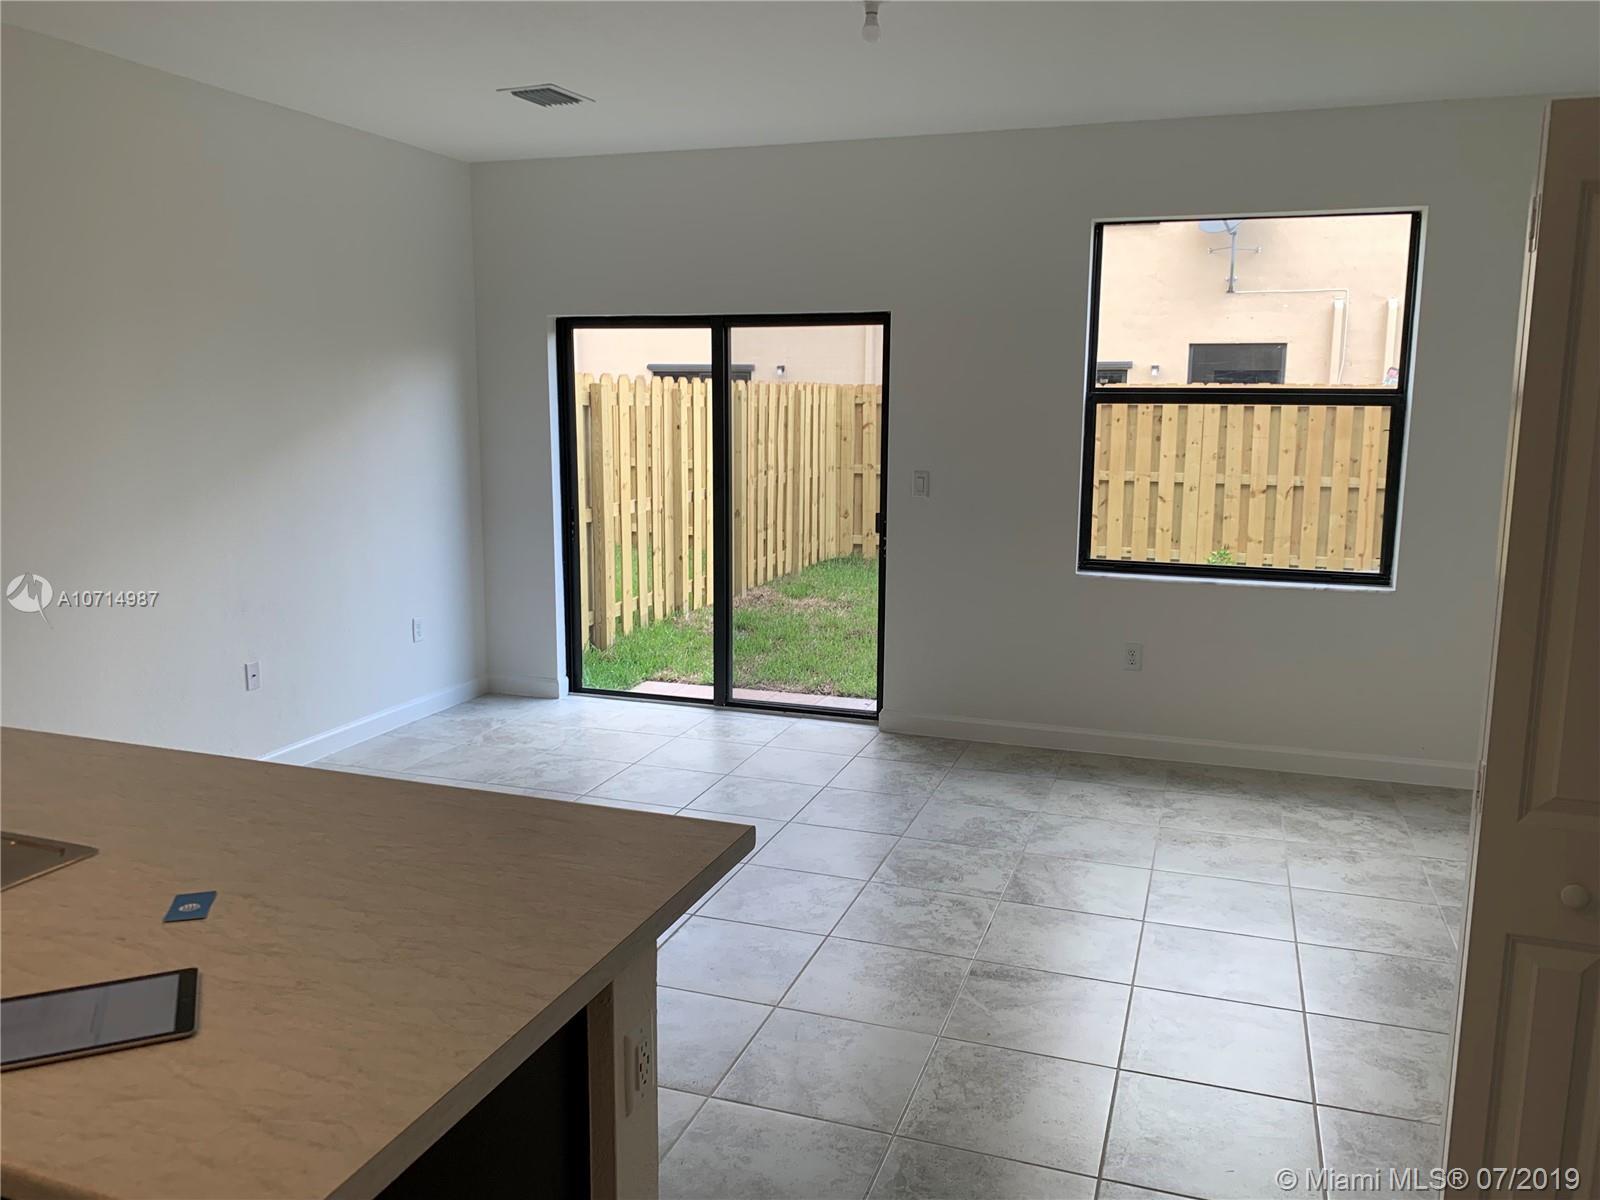 11365 SW 249 st, Miami, FL 33032 - Miami, FL real estate listing